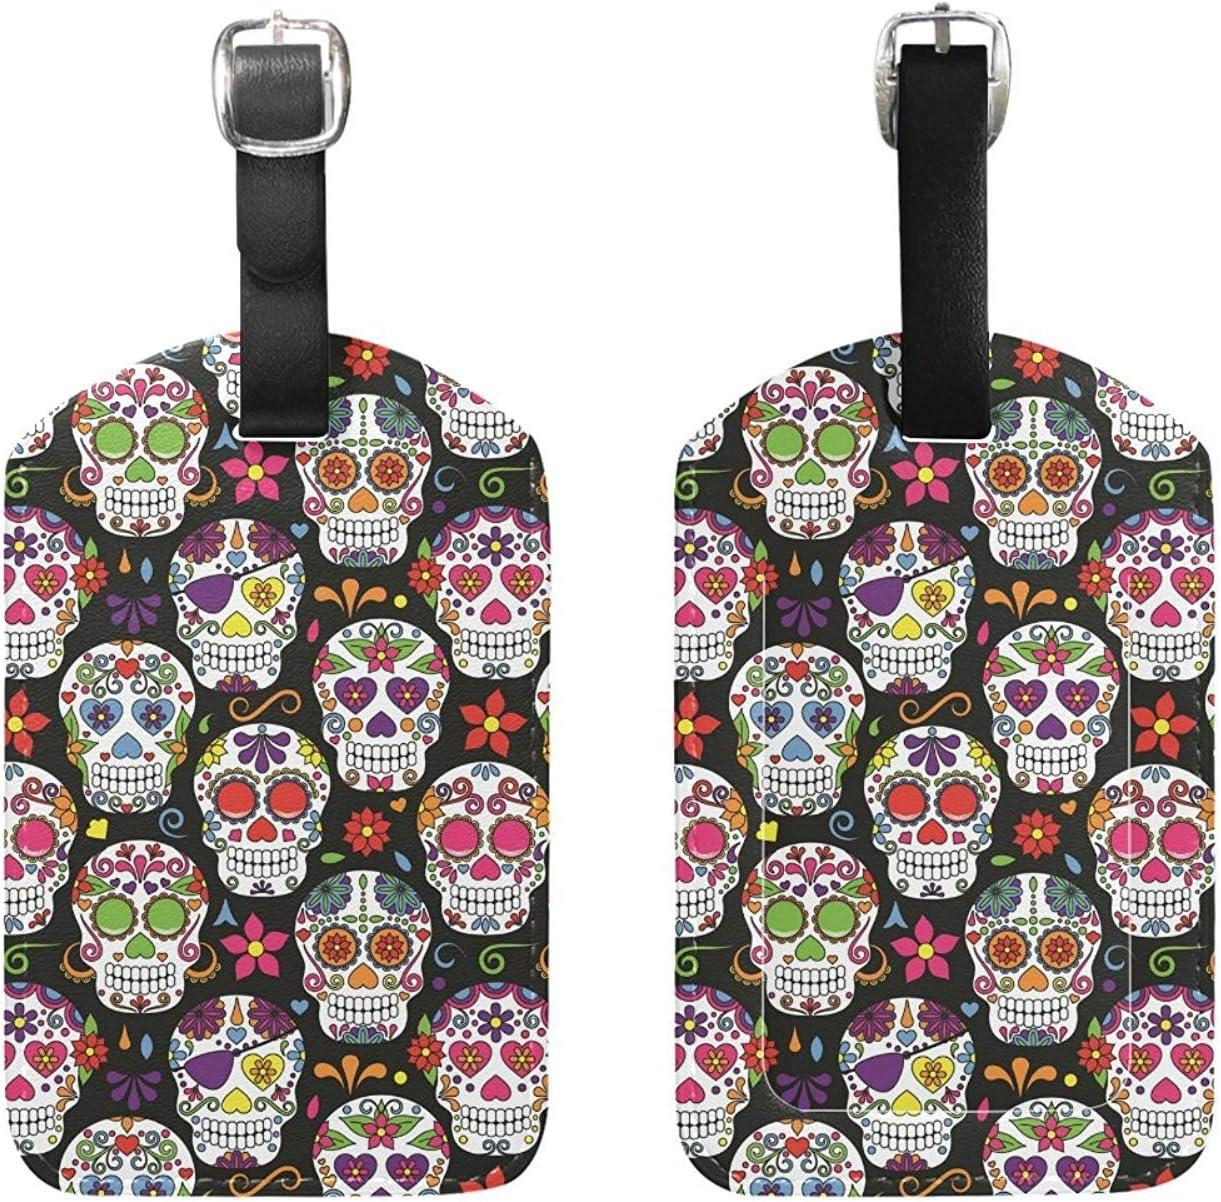 Skull luggage tag Luggage tag skull Personalized bag tag. Luggage tag leather Leather luggage tag Luggage tag Sugar skull luggage tag